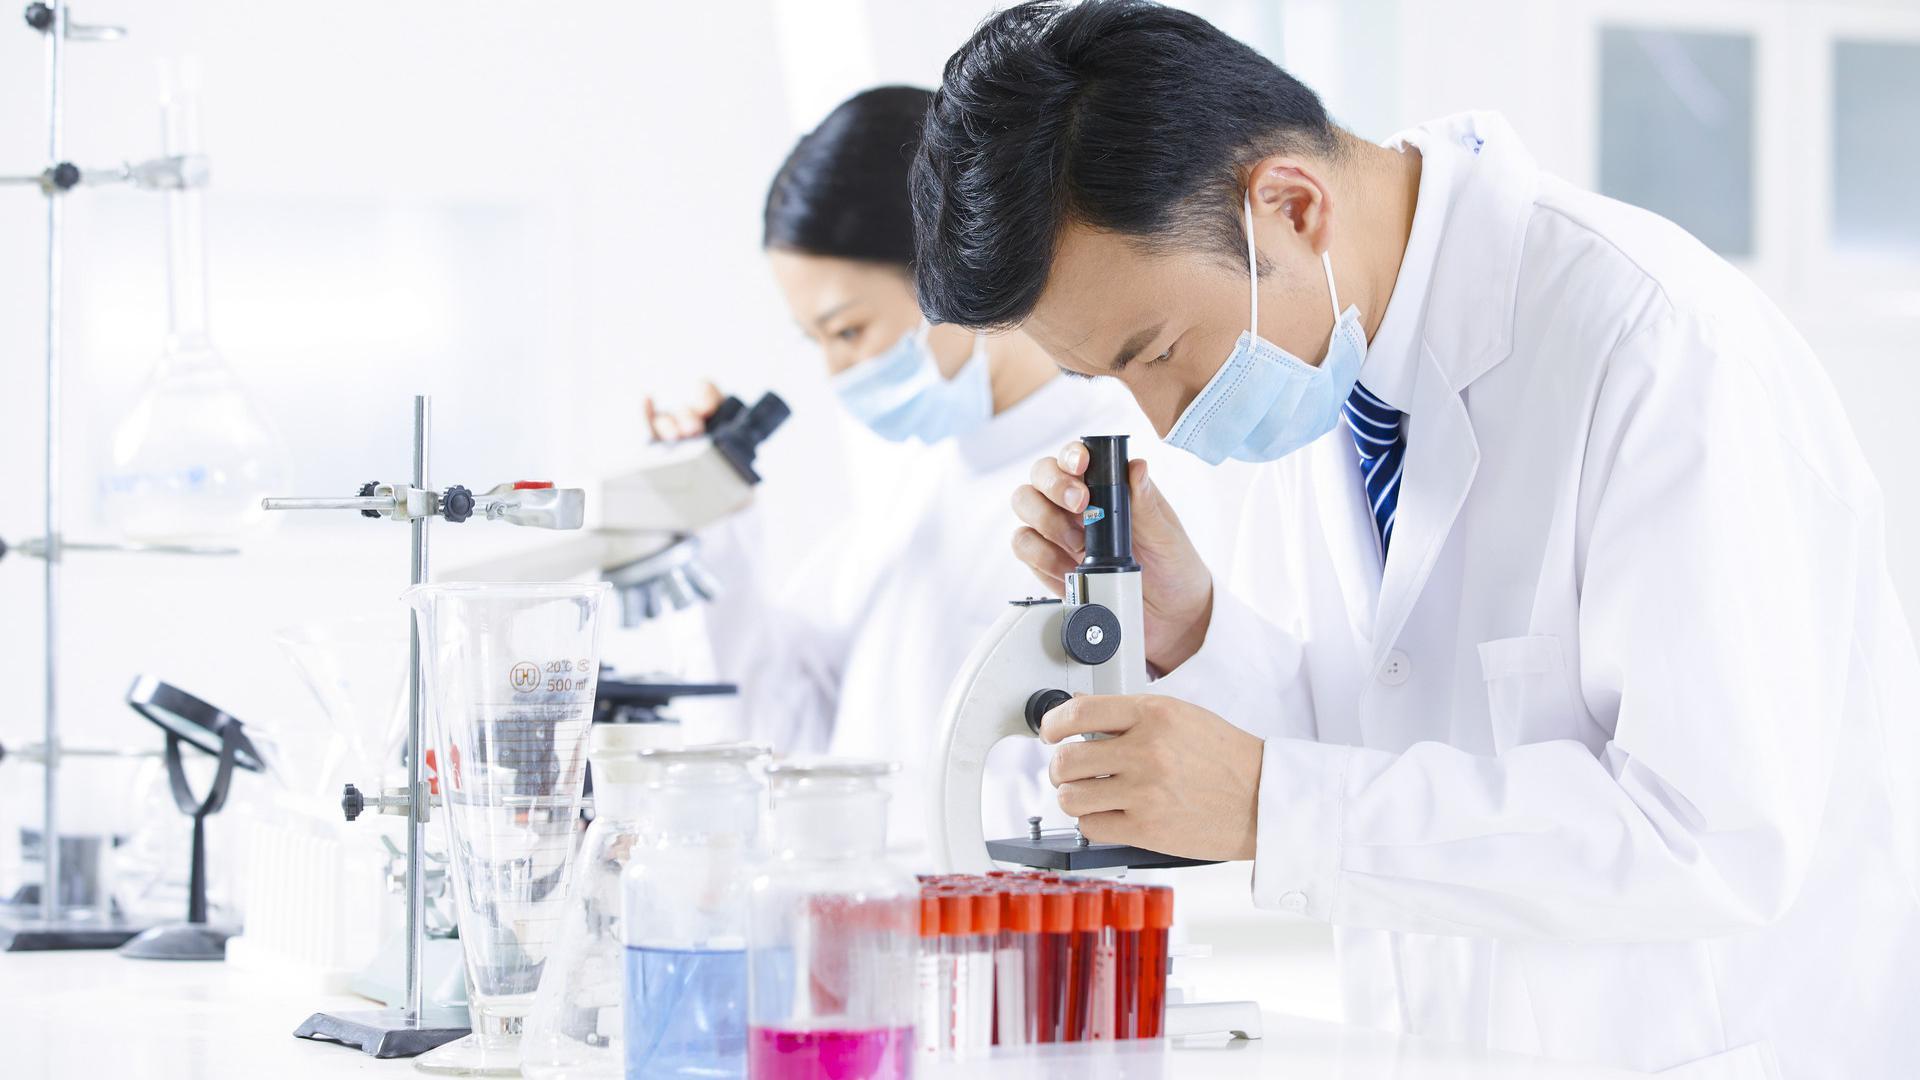 【2020志愿填报】北大学霸为你详细解析化学专业